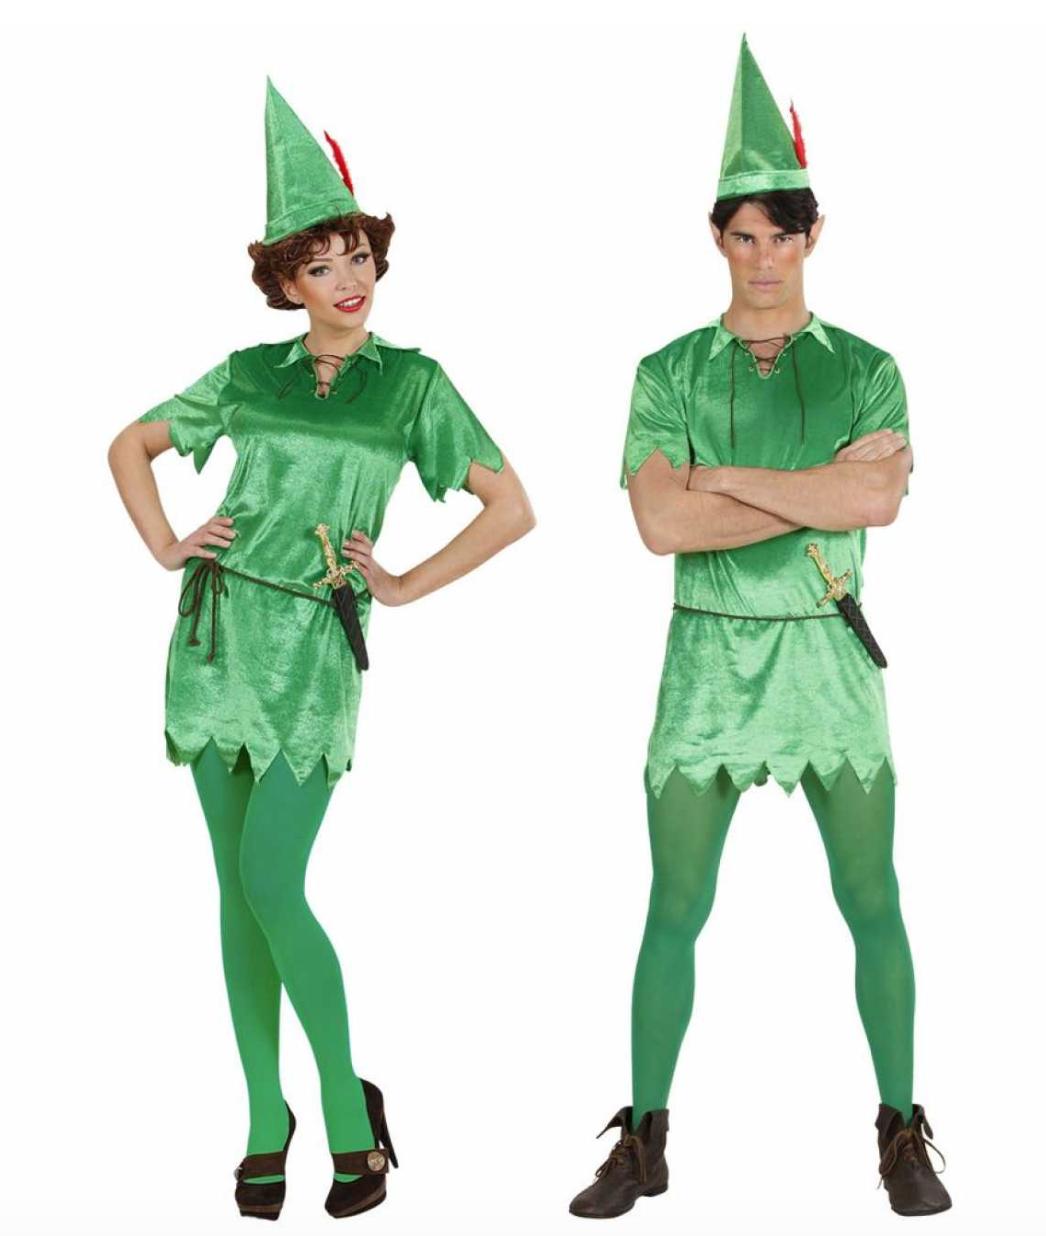 8b51e7c5d77b Er du på jagt efter et Disney voksen kostume  Disney kostume til voksne er  oplagt både til fastelavn